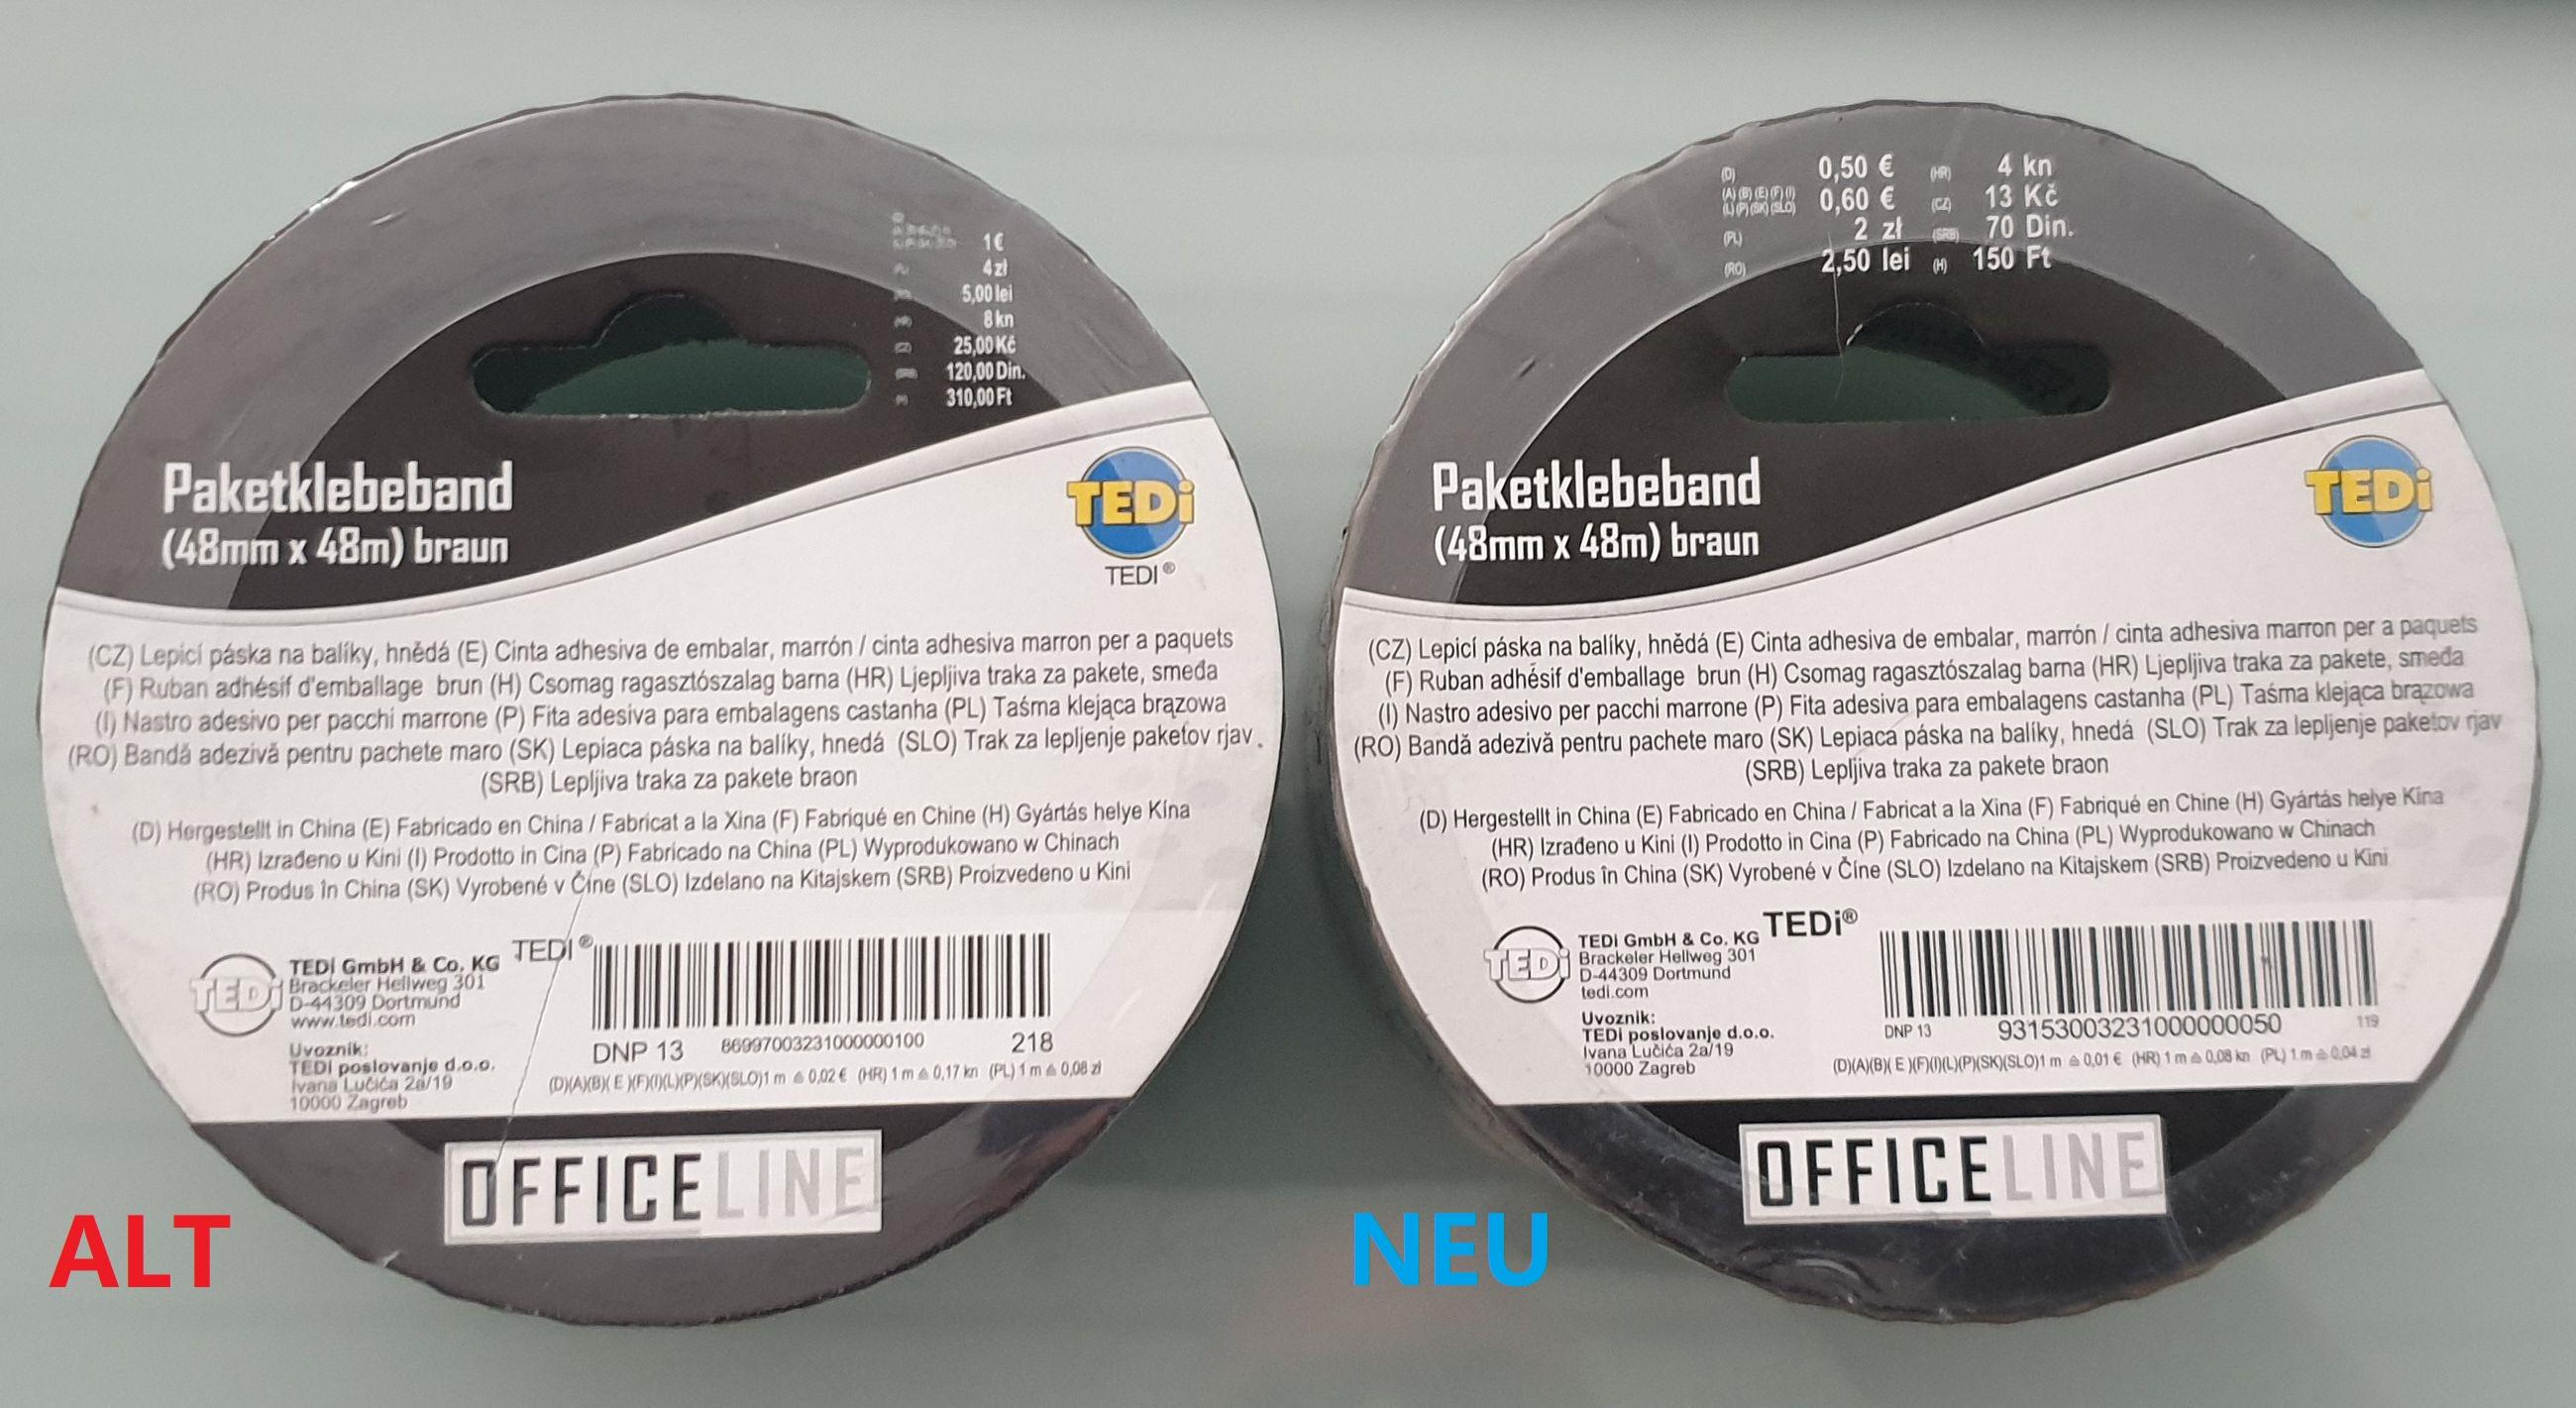 Paketklebeband 48mm x 48m für 0,50€ statt 1,00€ Neuer Preis bei Tedi